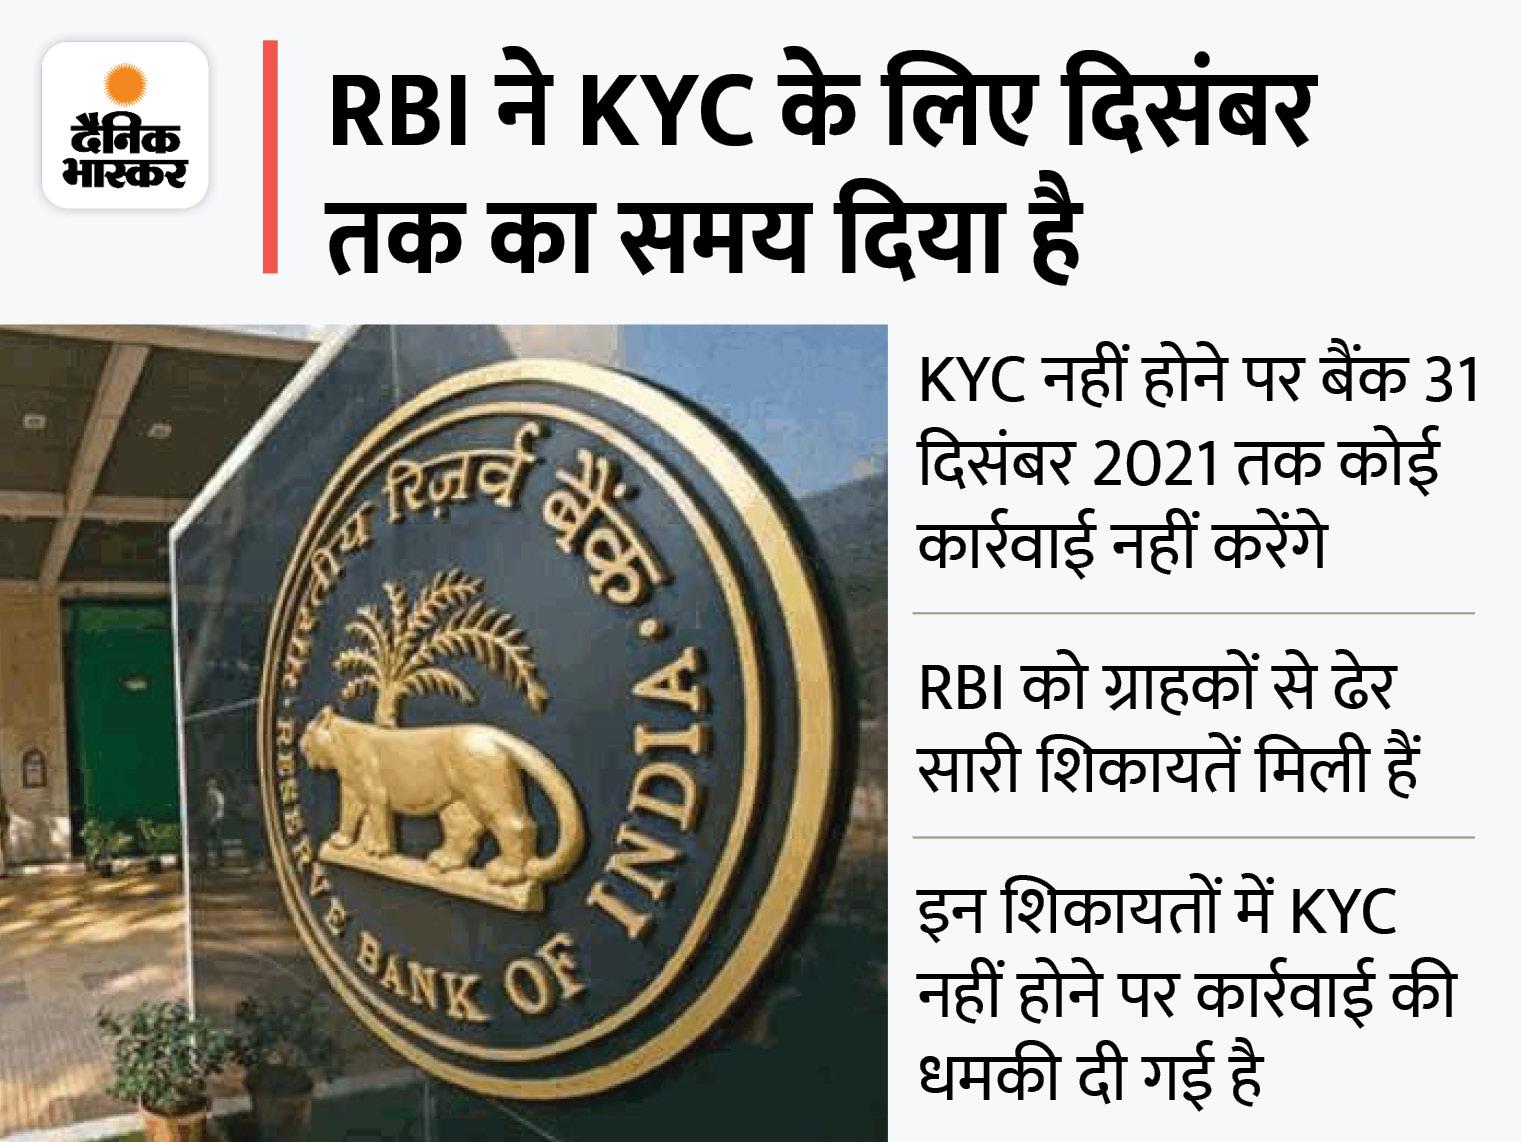 धोखाधड़ी से सावधान: KYC के नाम पर हो रहा है फ्रॉड, रिजर्व बैंक ने कहा, इस तरह की जालसाजी से ग्राहक बचें